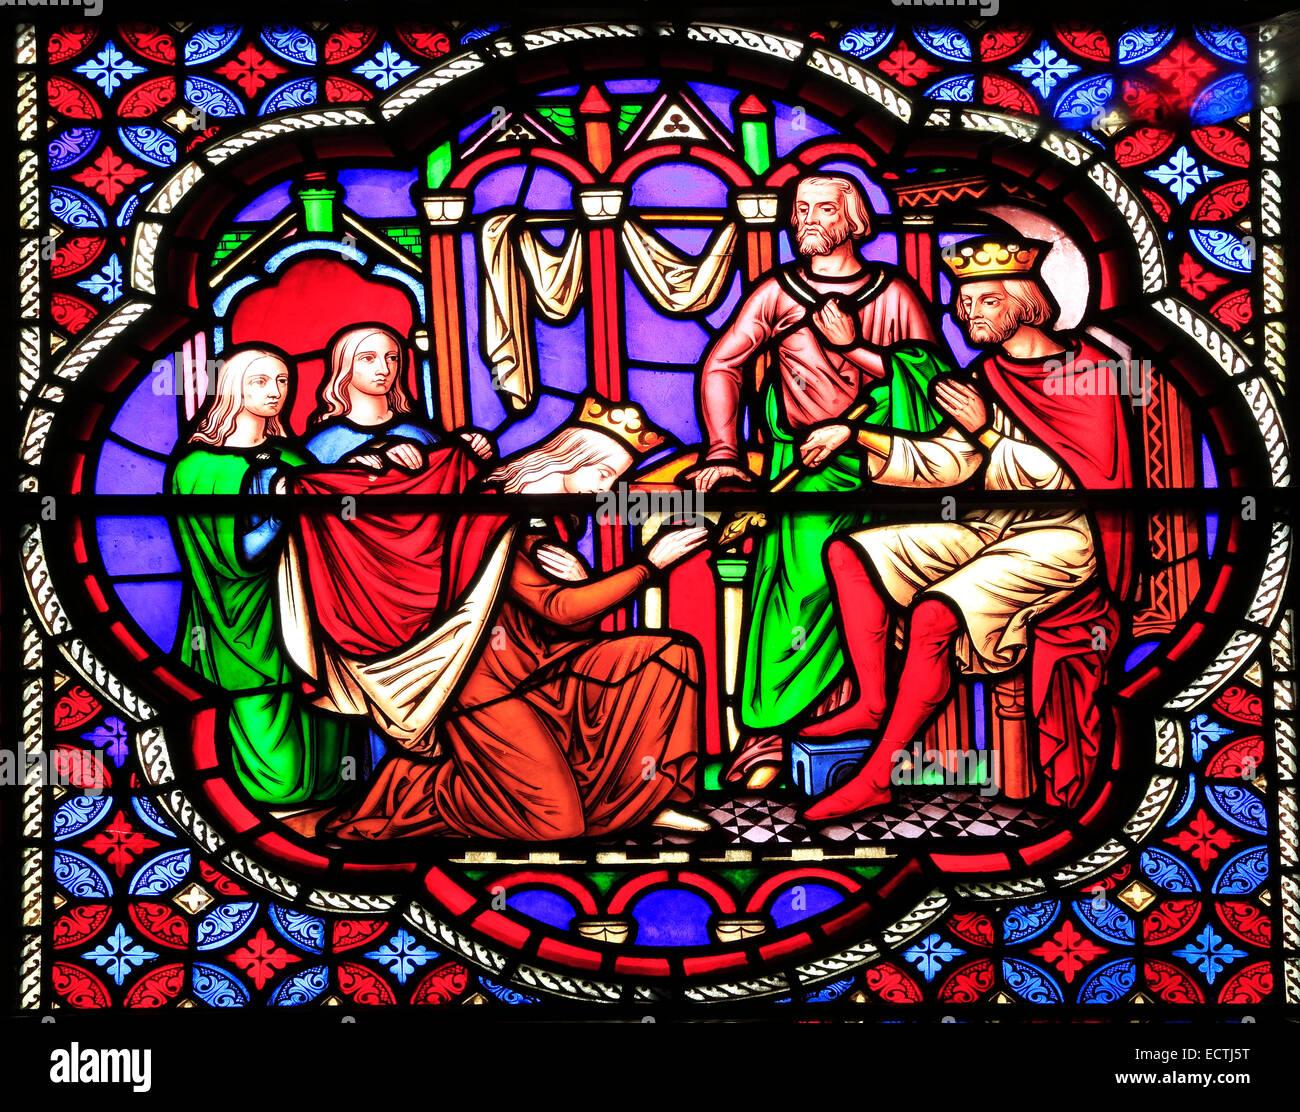 Glasfenster, Esther, gewählt durch den König von William Wailes, 1849, Ely Cathedral Stockbild